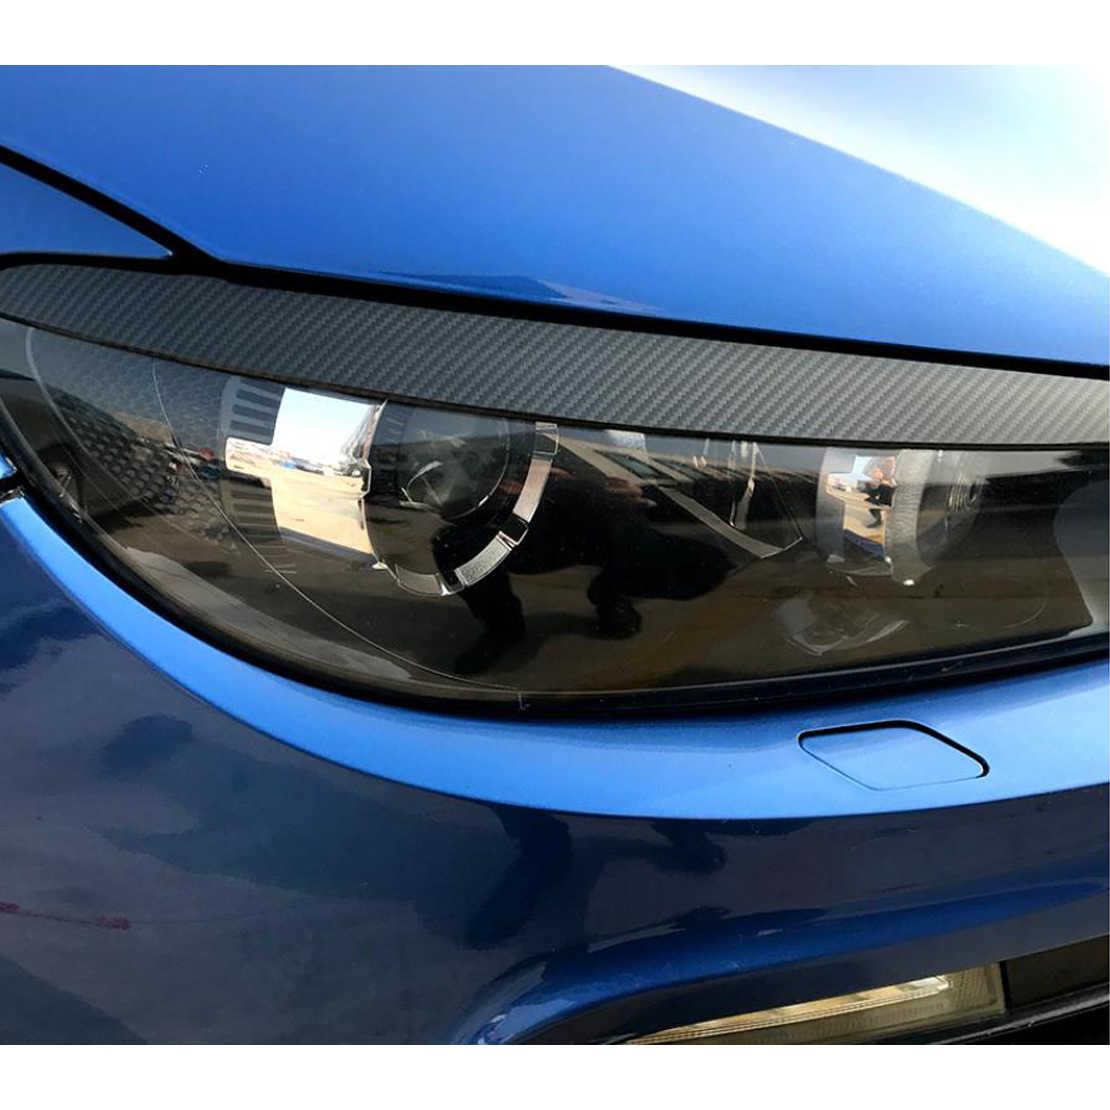 2x laver de chape Phares Nettoyage GAUCHE DROITE POUR VW SCIROCCO 137 138